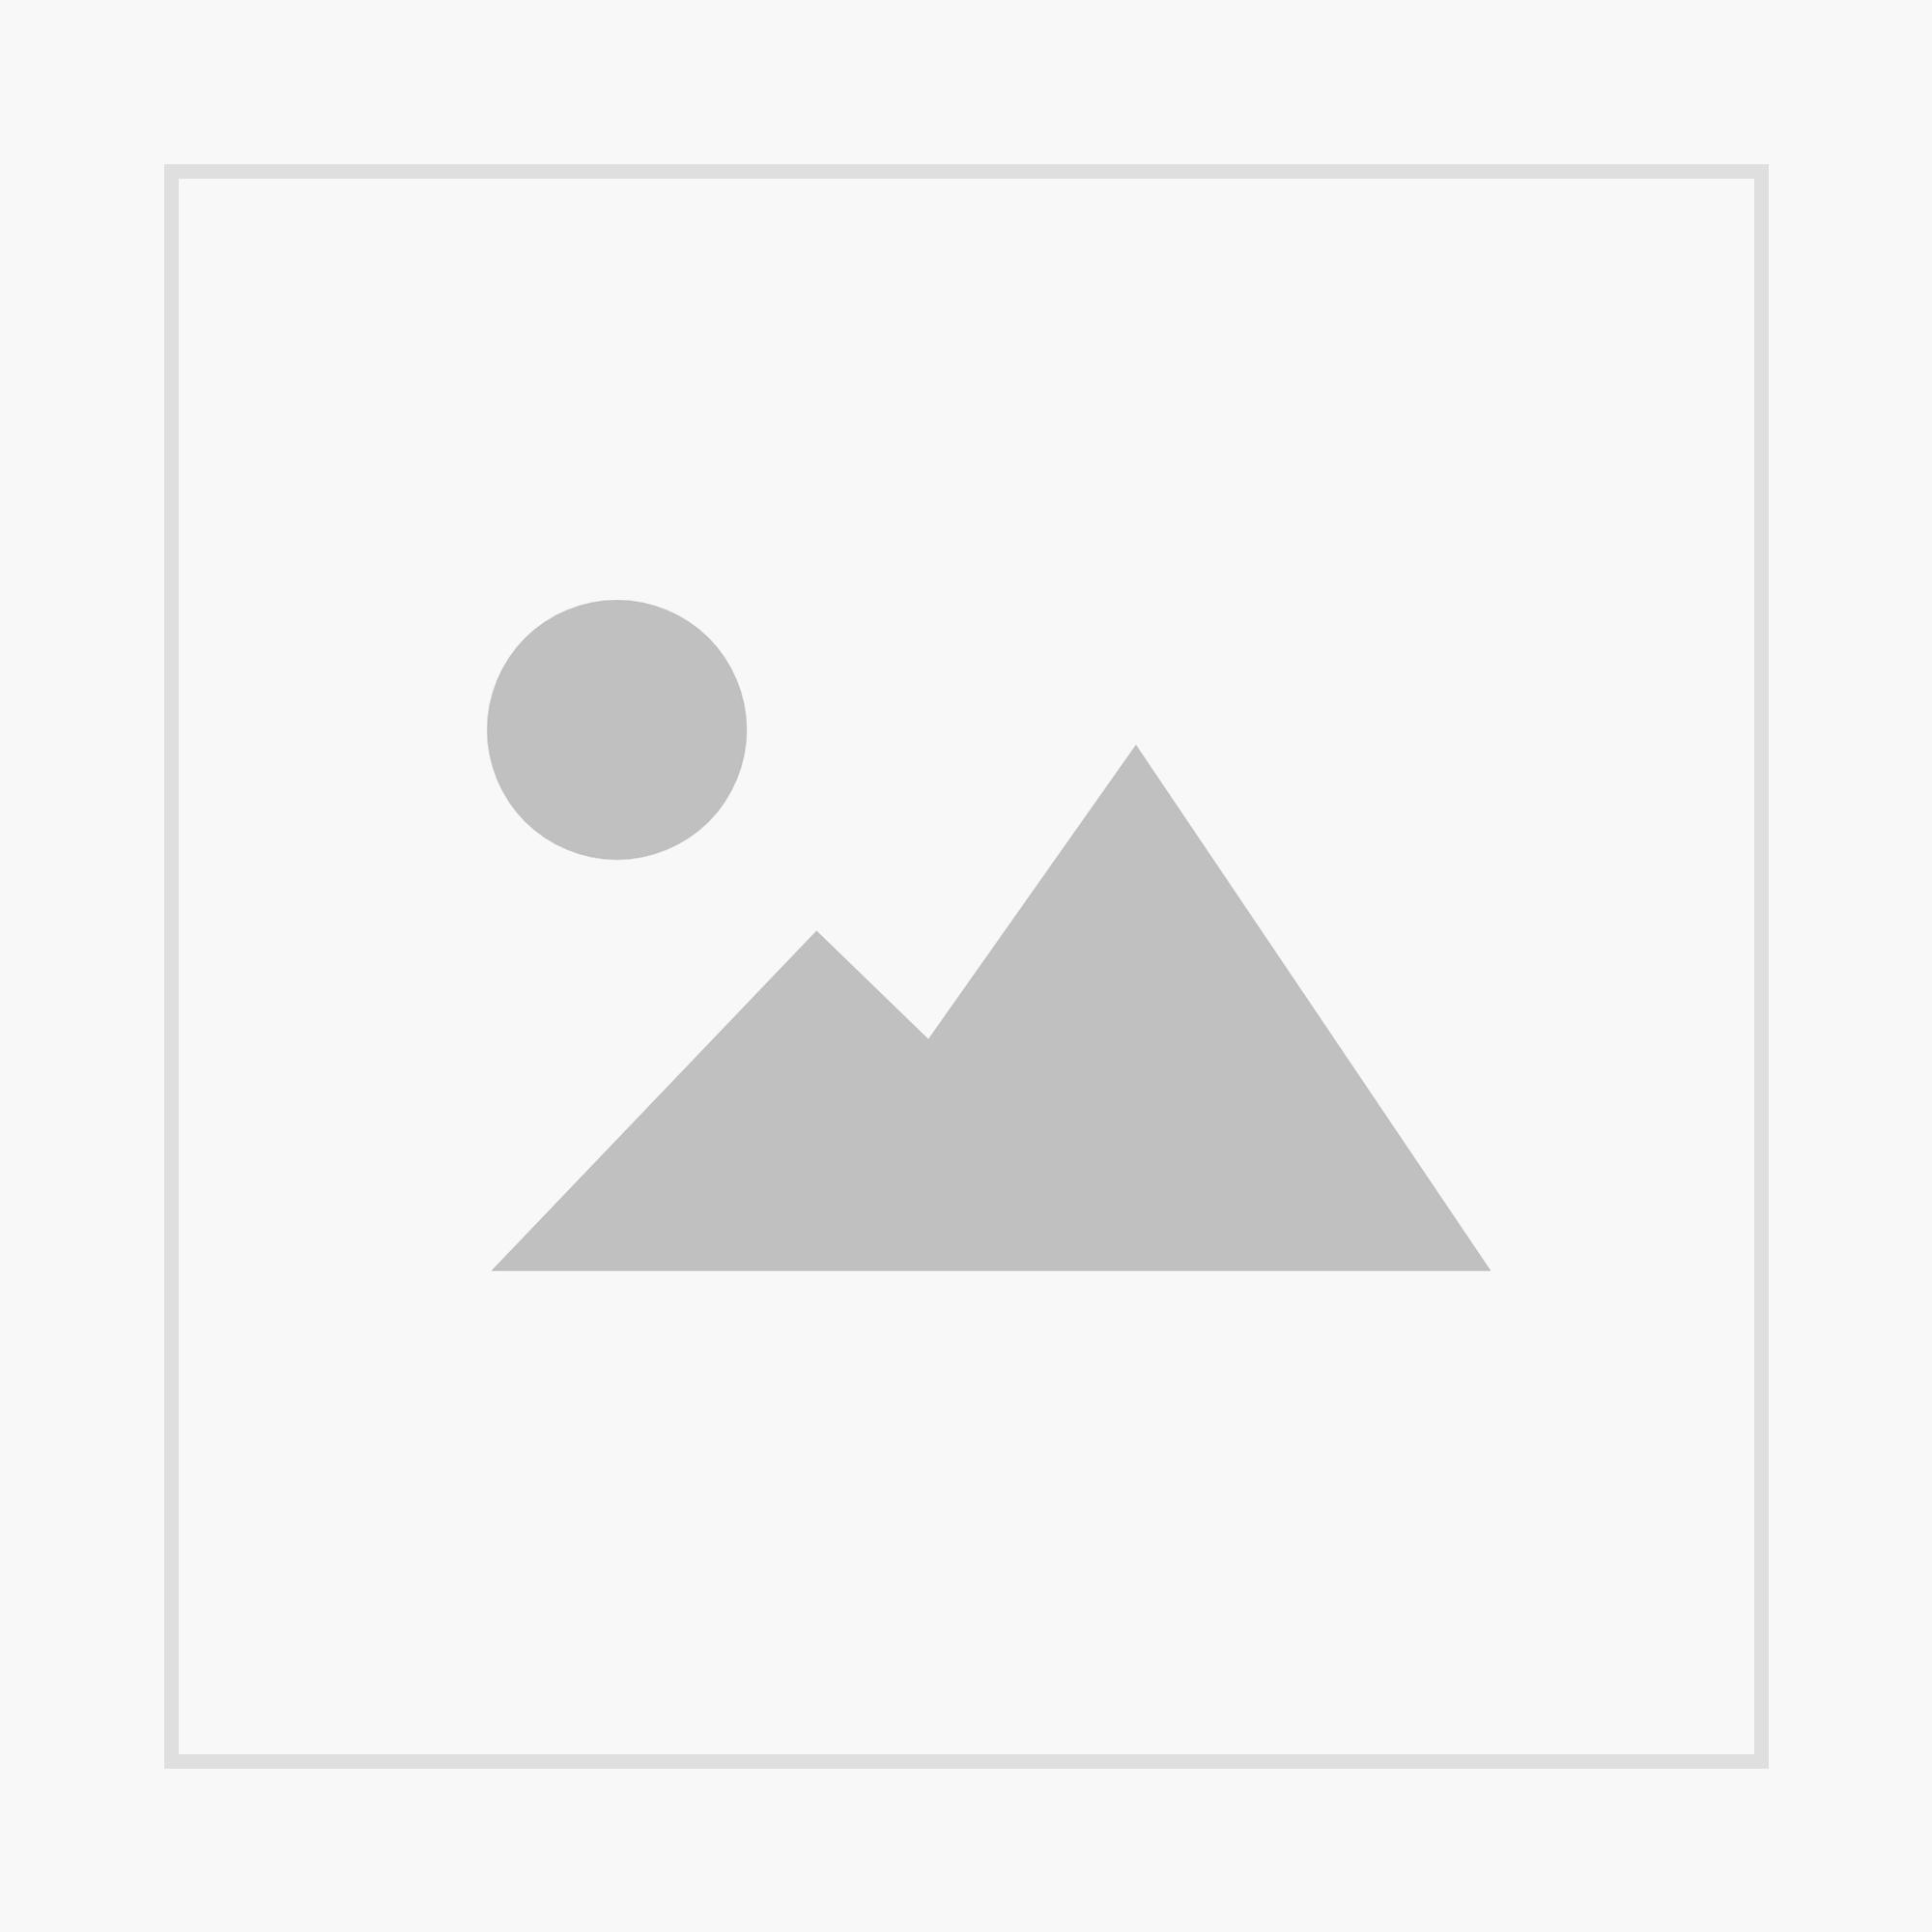 traktorpool T-Shirt: Großflächendesigner